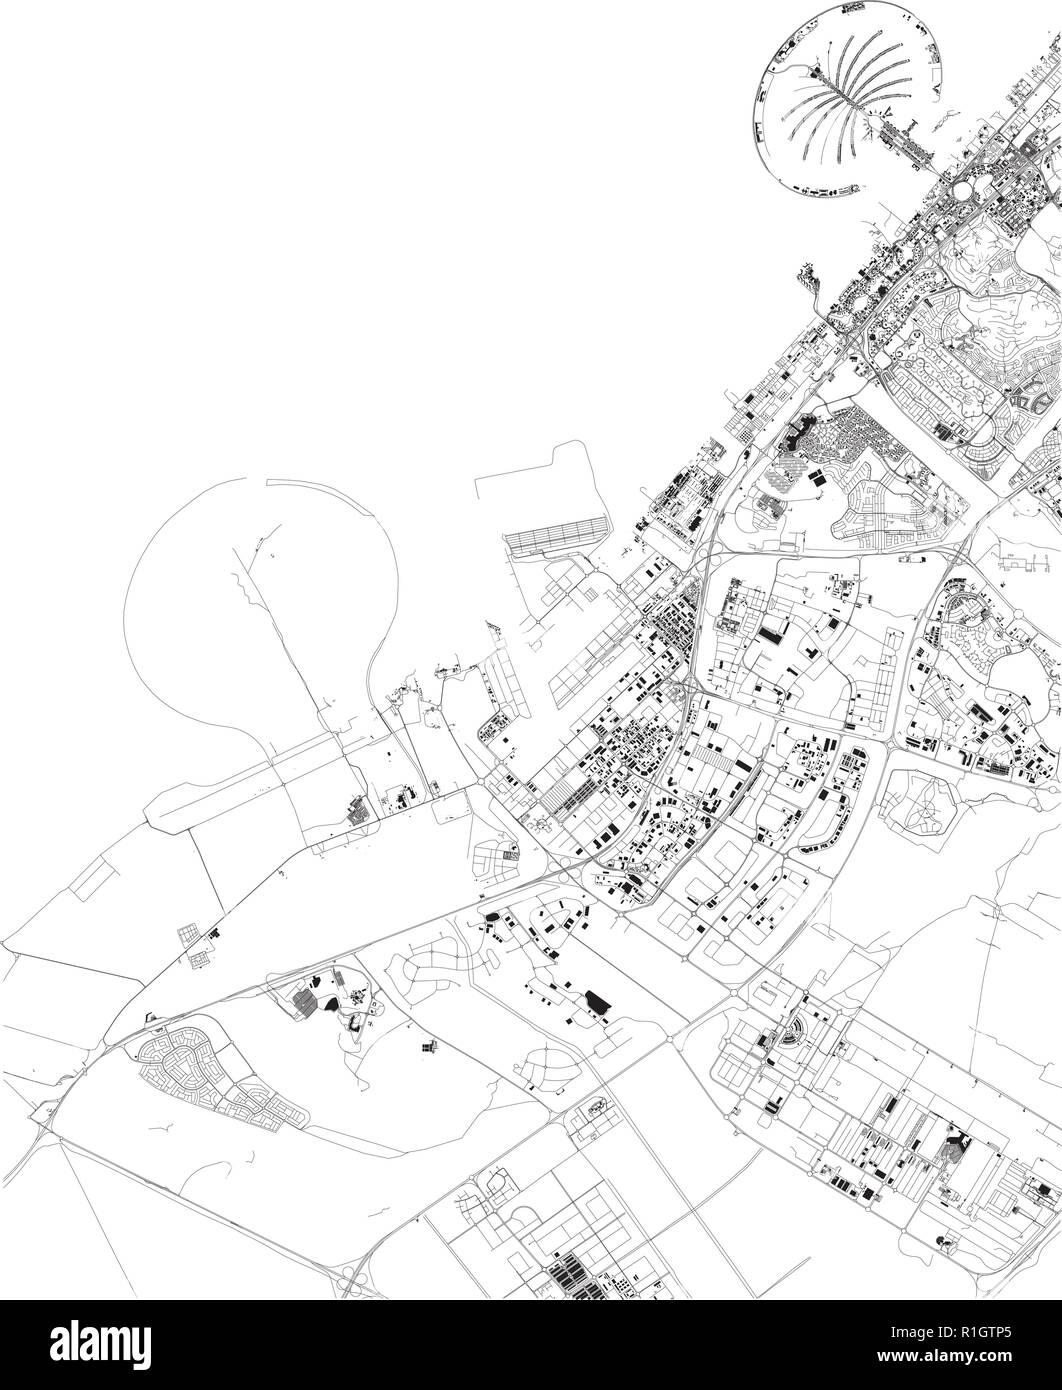 Cartina Geografica Satellitare.Mappa Satellitare Di Dubai Emirati Arabi Uniti Strade Della Citta Cartina Stradale E Mappa Del Centro Citta Immagine E Vettoriale Alamy